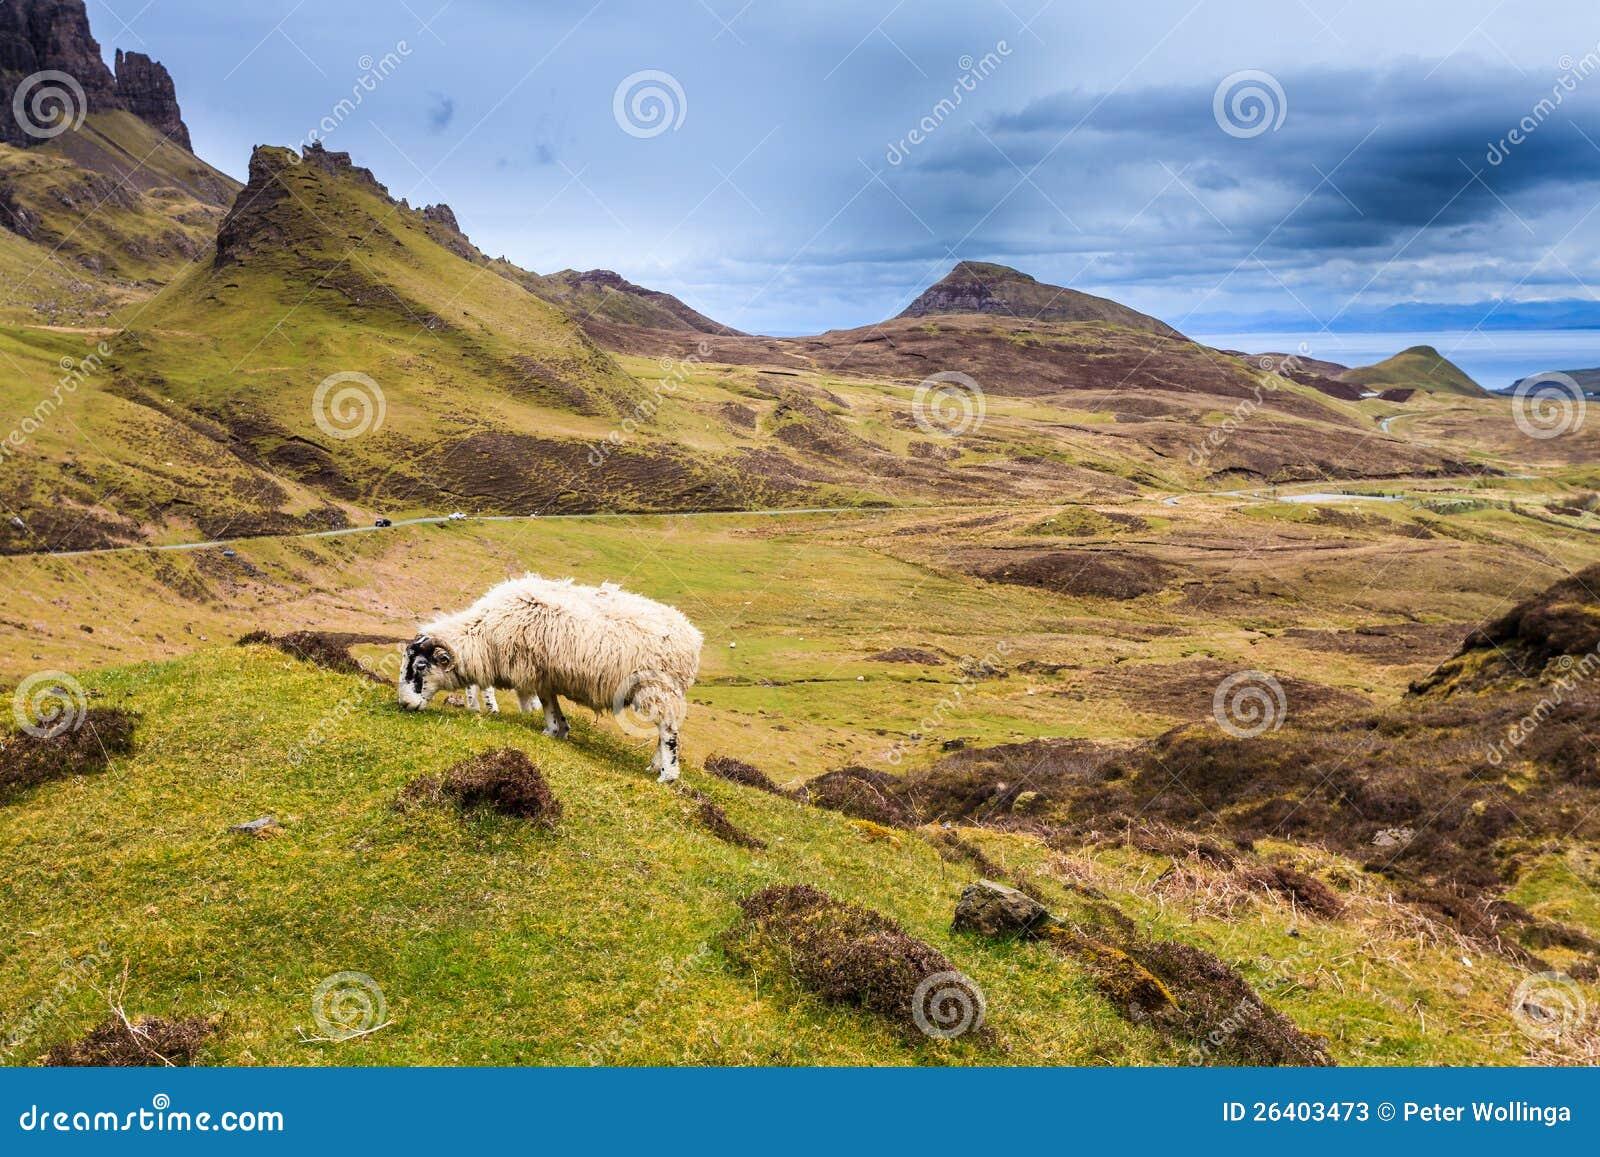 Πρόβατα κατά τη βοσκή στις ορεινές περιοχές